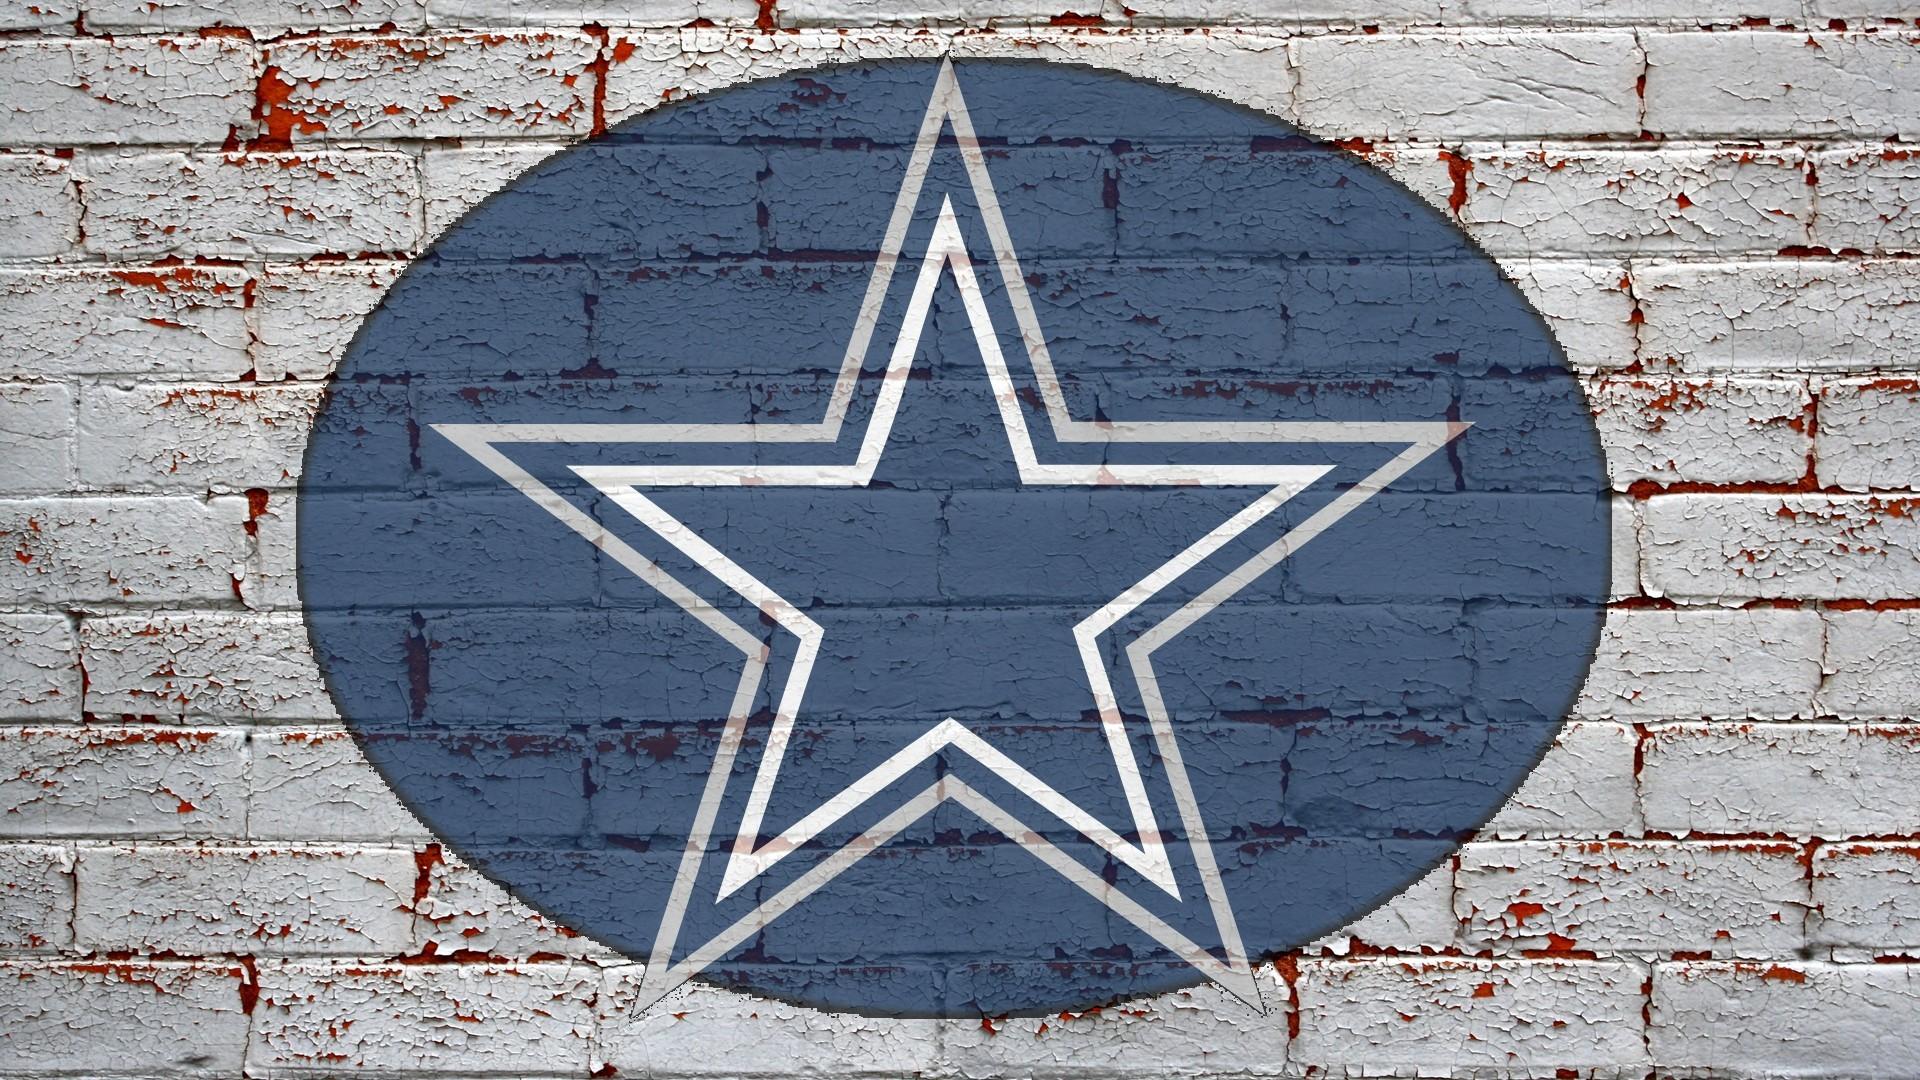 Seahawks Hd Wallpaper Dallas Cowboys Hd Backgrounds Pixelstalk Net